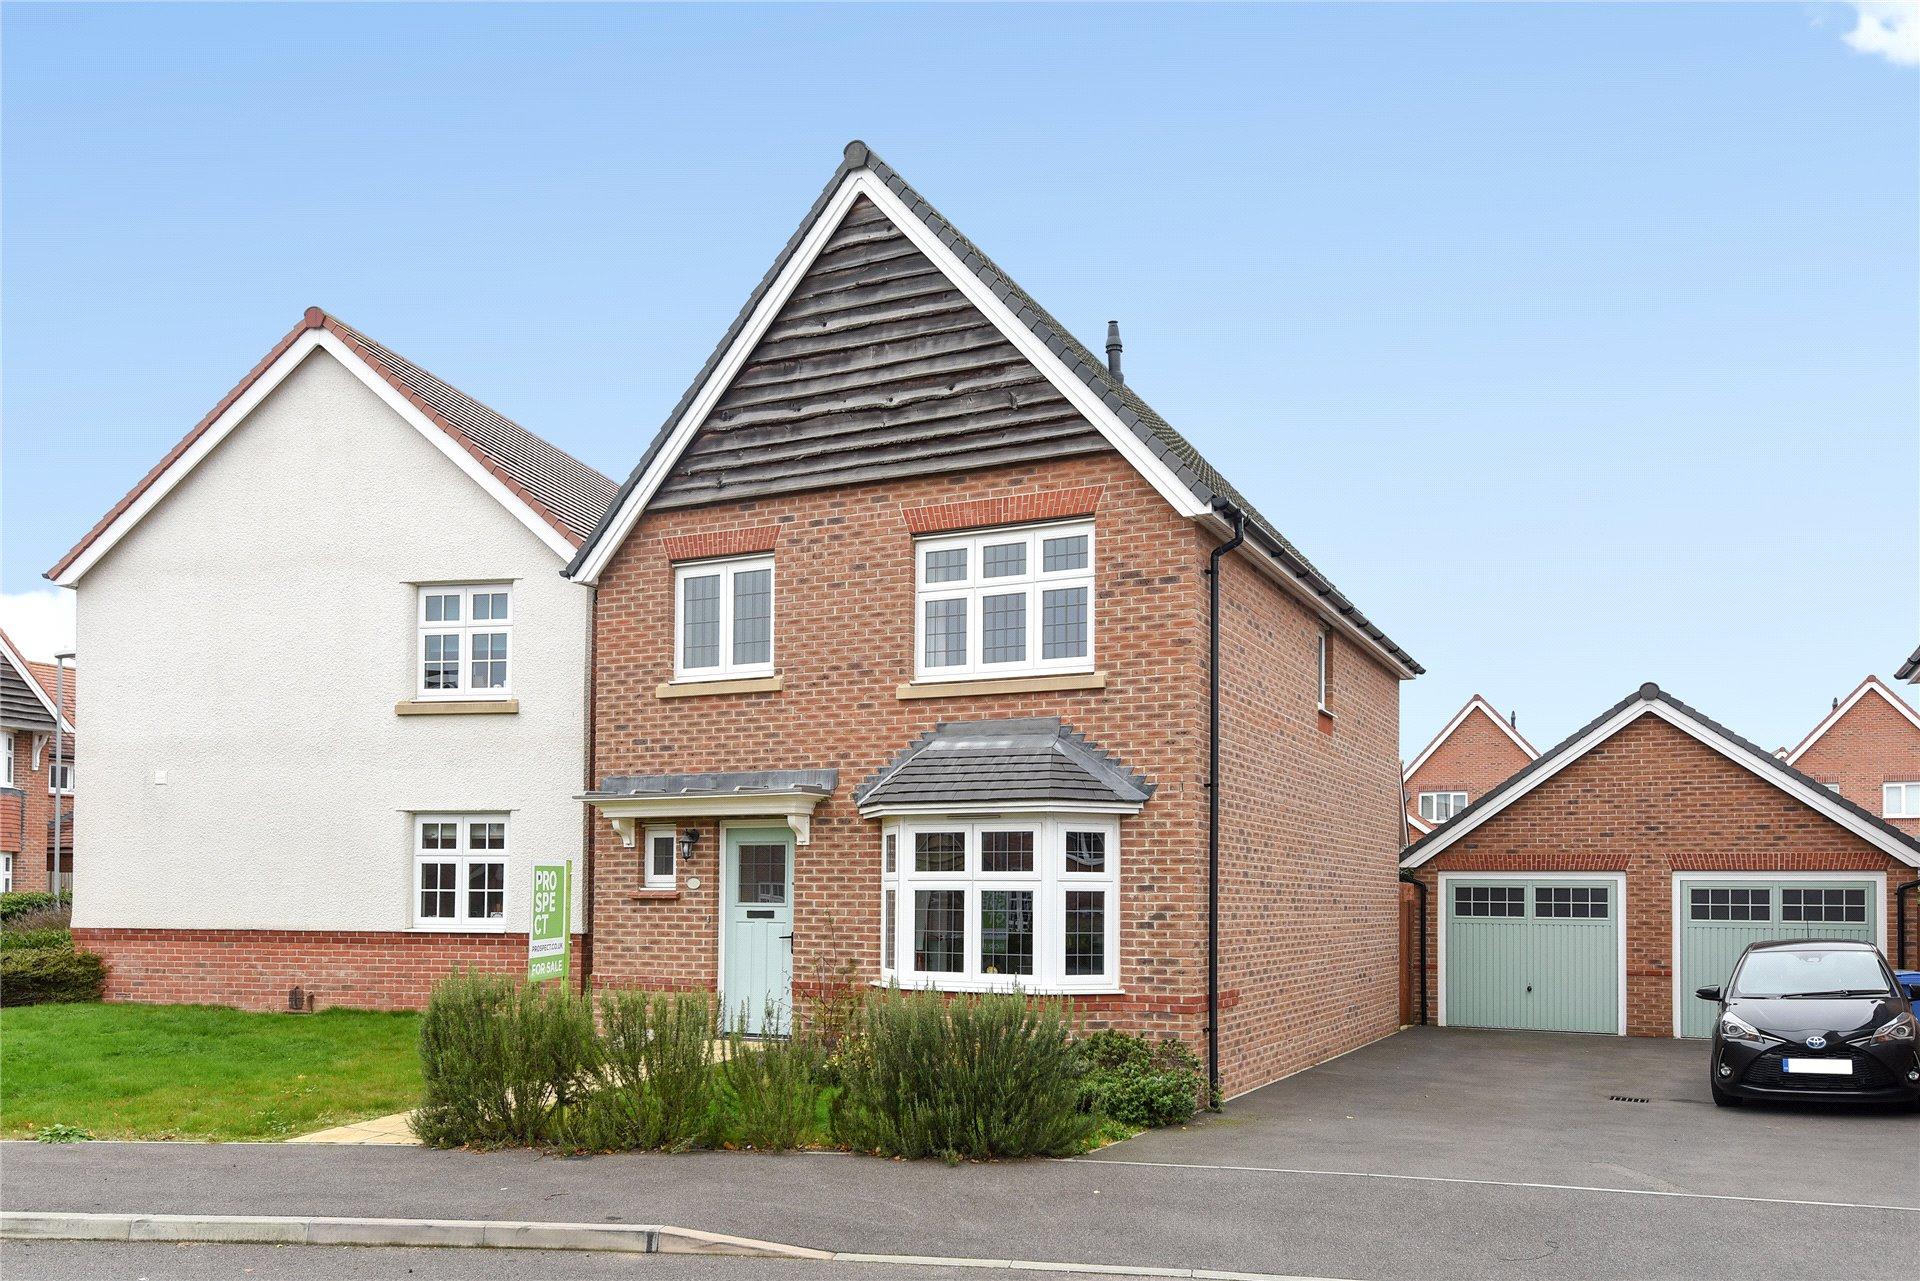 3 Bedrooms Detached House for sale in Goldcrest Road, Jennett's Park, Bracknell, Berkshire, RG12